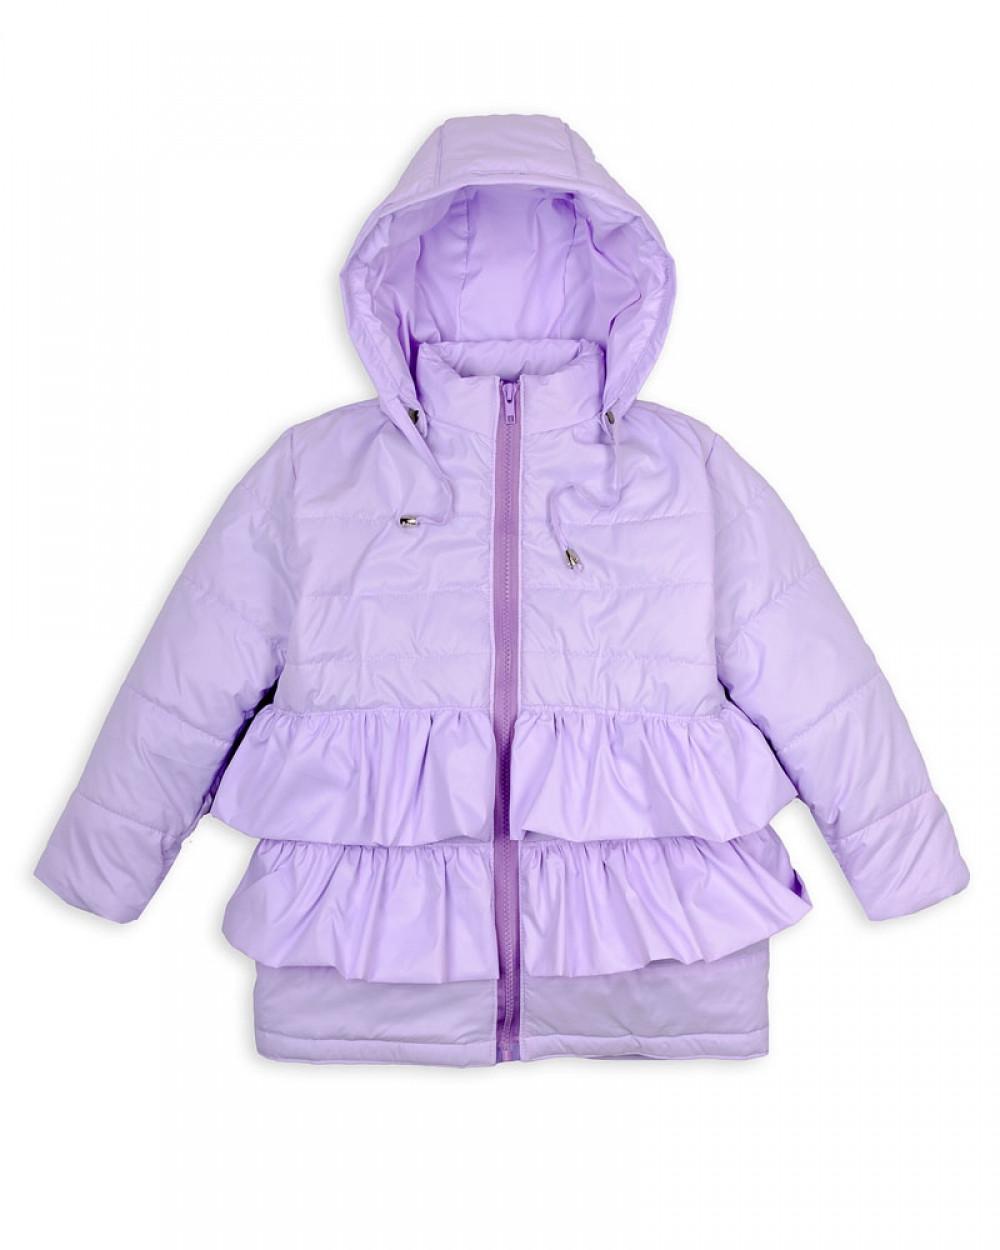 Детская куртка Пусик Рюша 90-122 см (1-2, 2-3, 3-4, 4-5 лет) весна-осень (Лиловая)